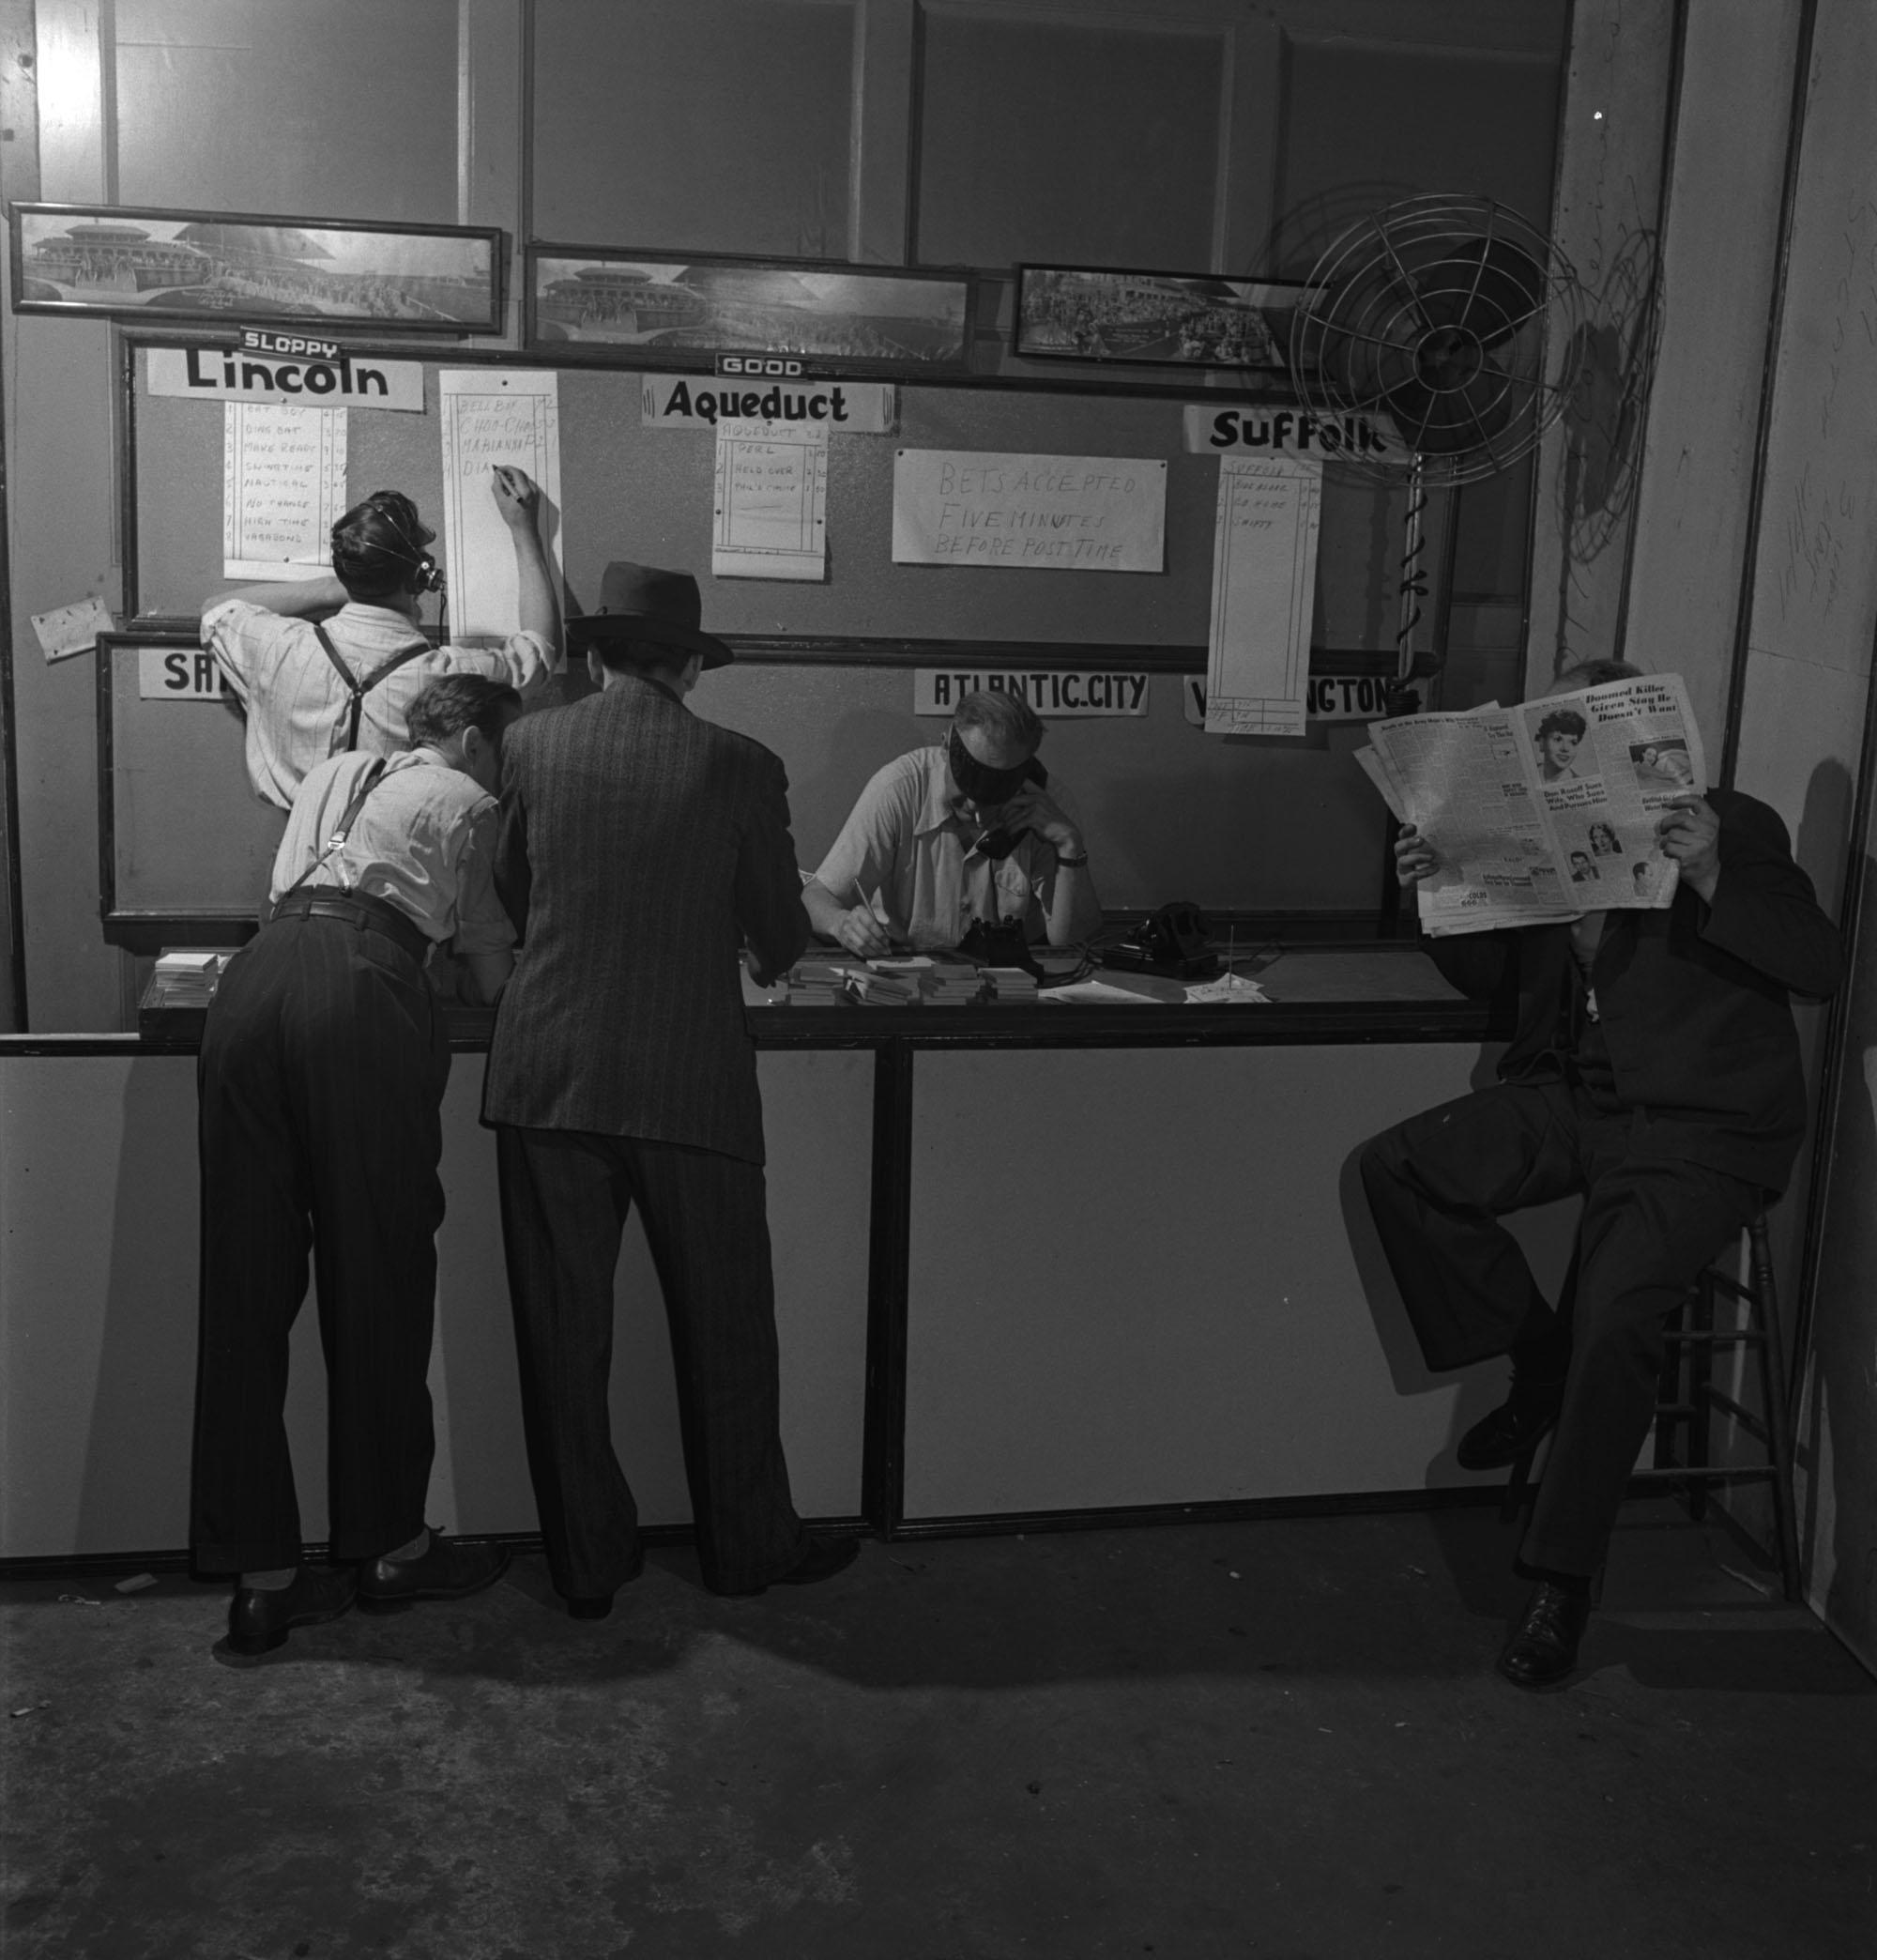 Intérieur d'une maison de paris : deux hommes sont derrière un comptoir, un debout et l'autre assis au téléphone, et trois hommes sont devant, deux debout et un assis avec un journal ouvert devant son visage.